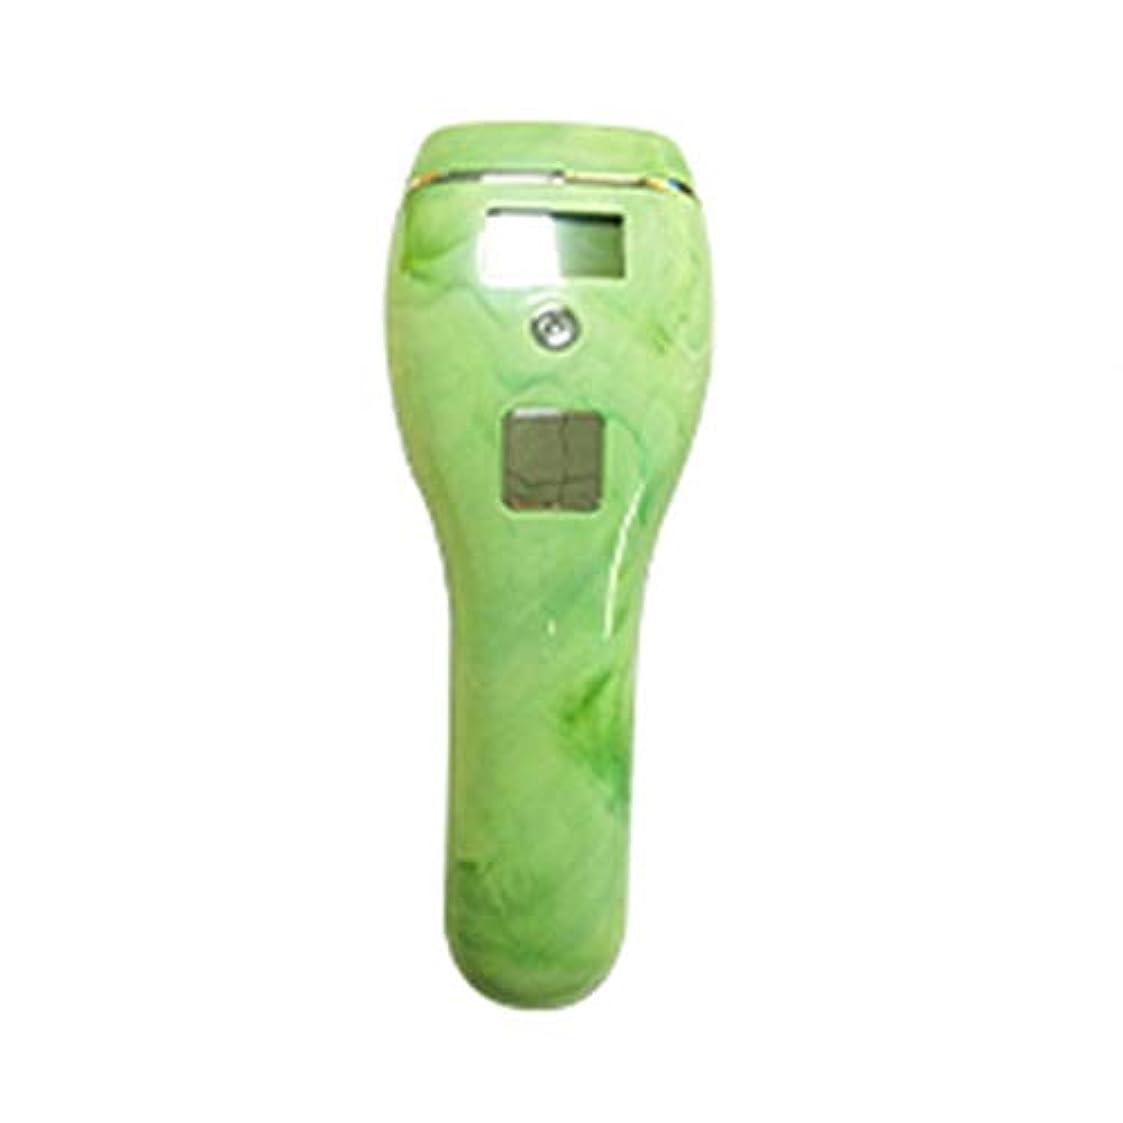 社会コンクリート名前Nuanxin 自動肌のカラーセンシング、グリーン、5速調整、クォーツチューブ、携帯用痛みのない全身凍結乾燥用除湿器、サイズ19x7x5cm F30 (Color : Green)